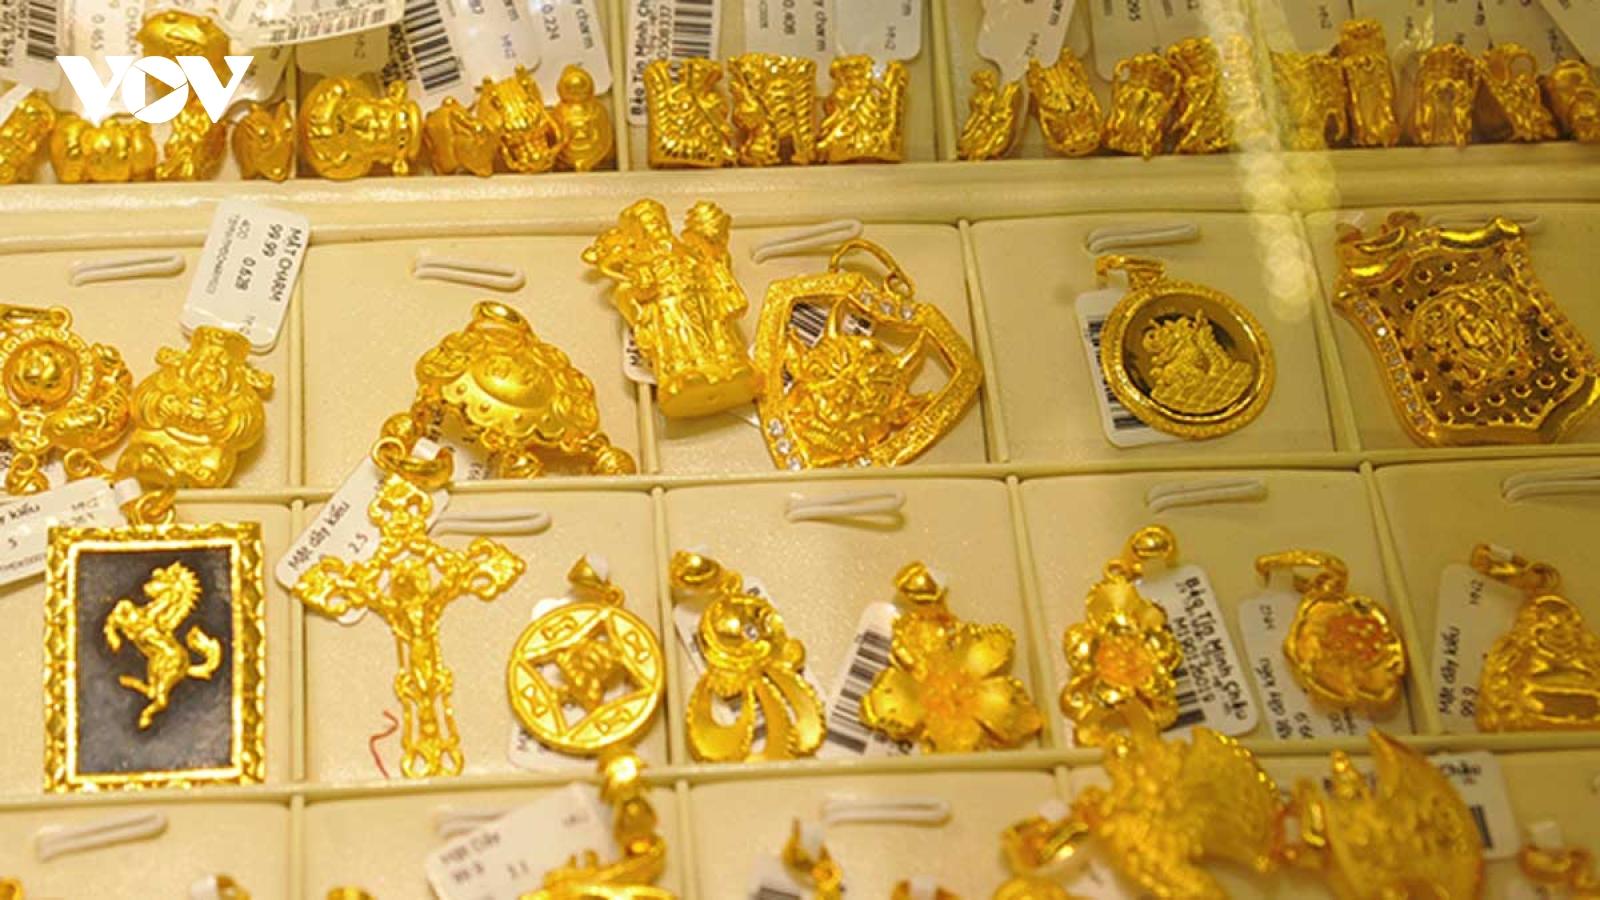 Vàng trong nước đảo chiềugiảm giá